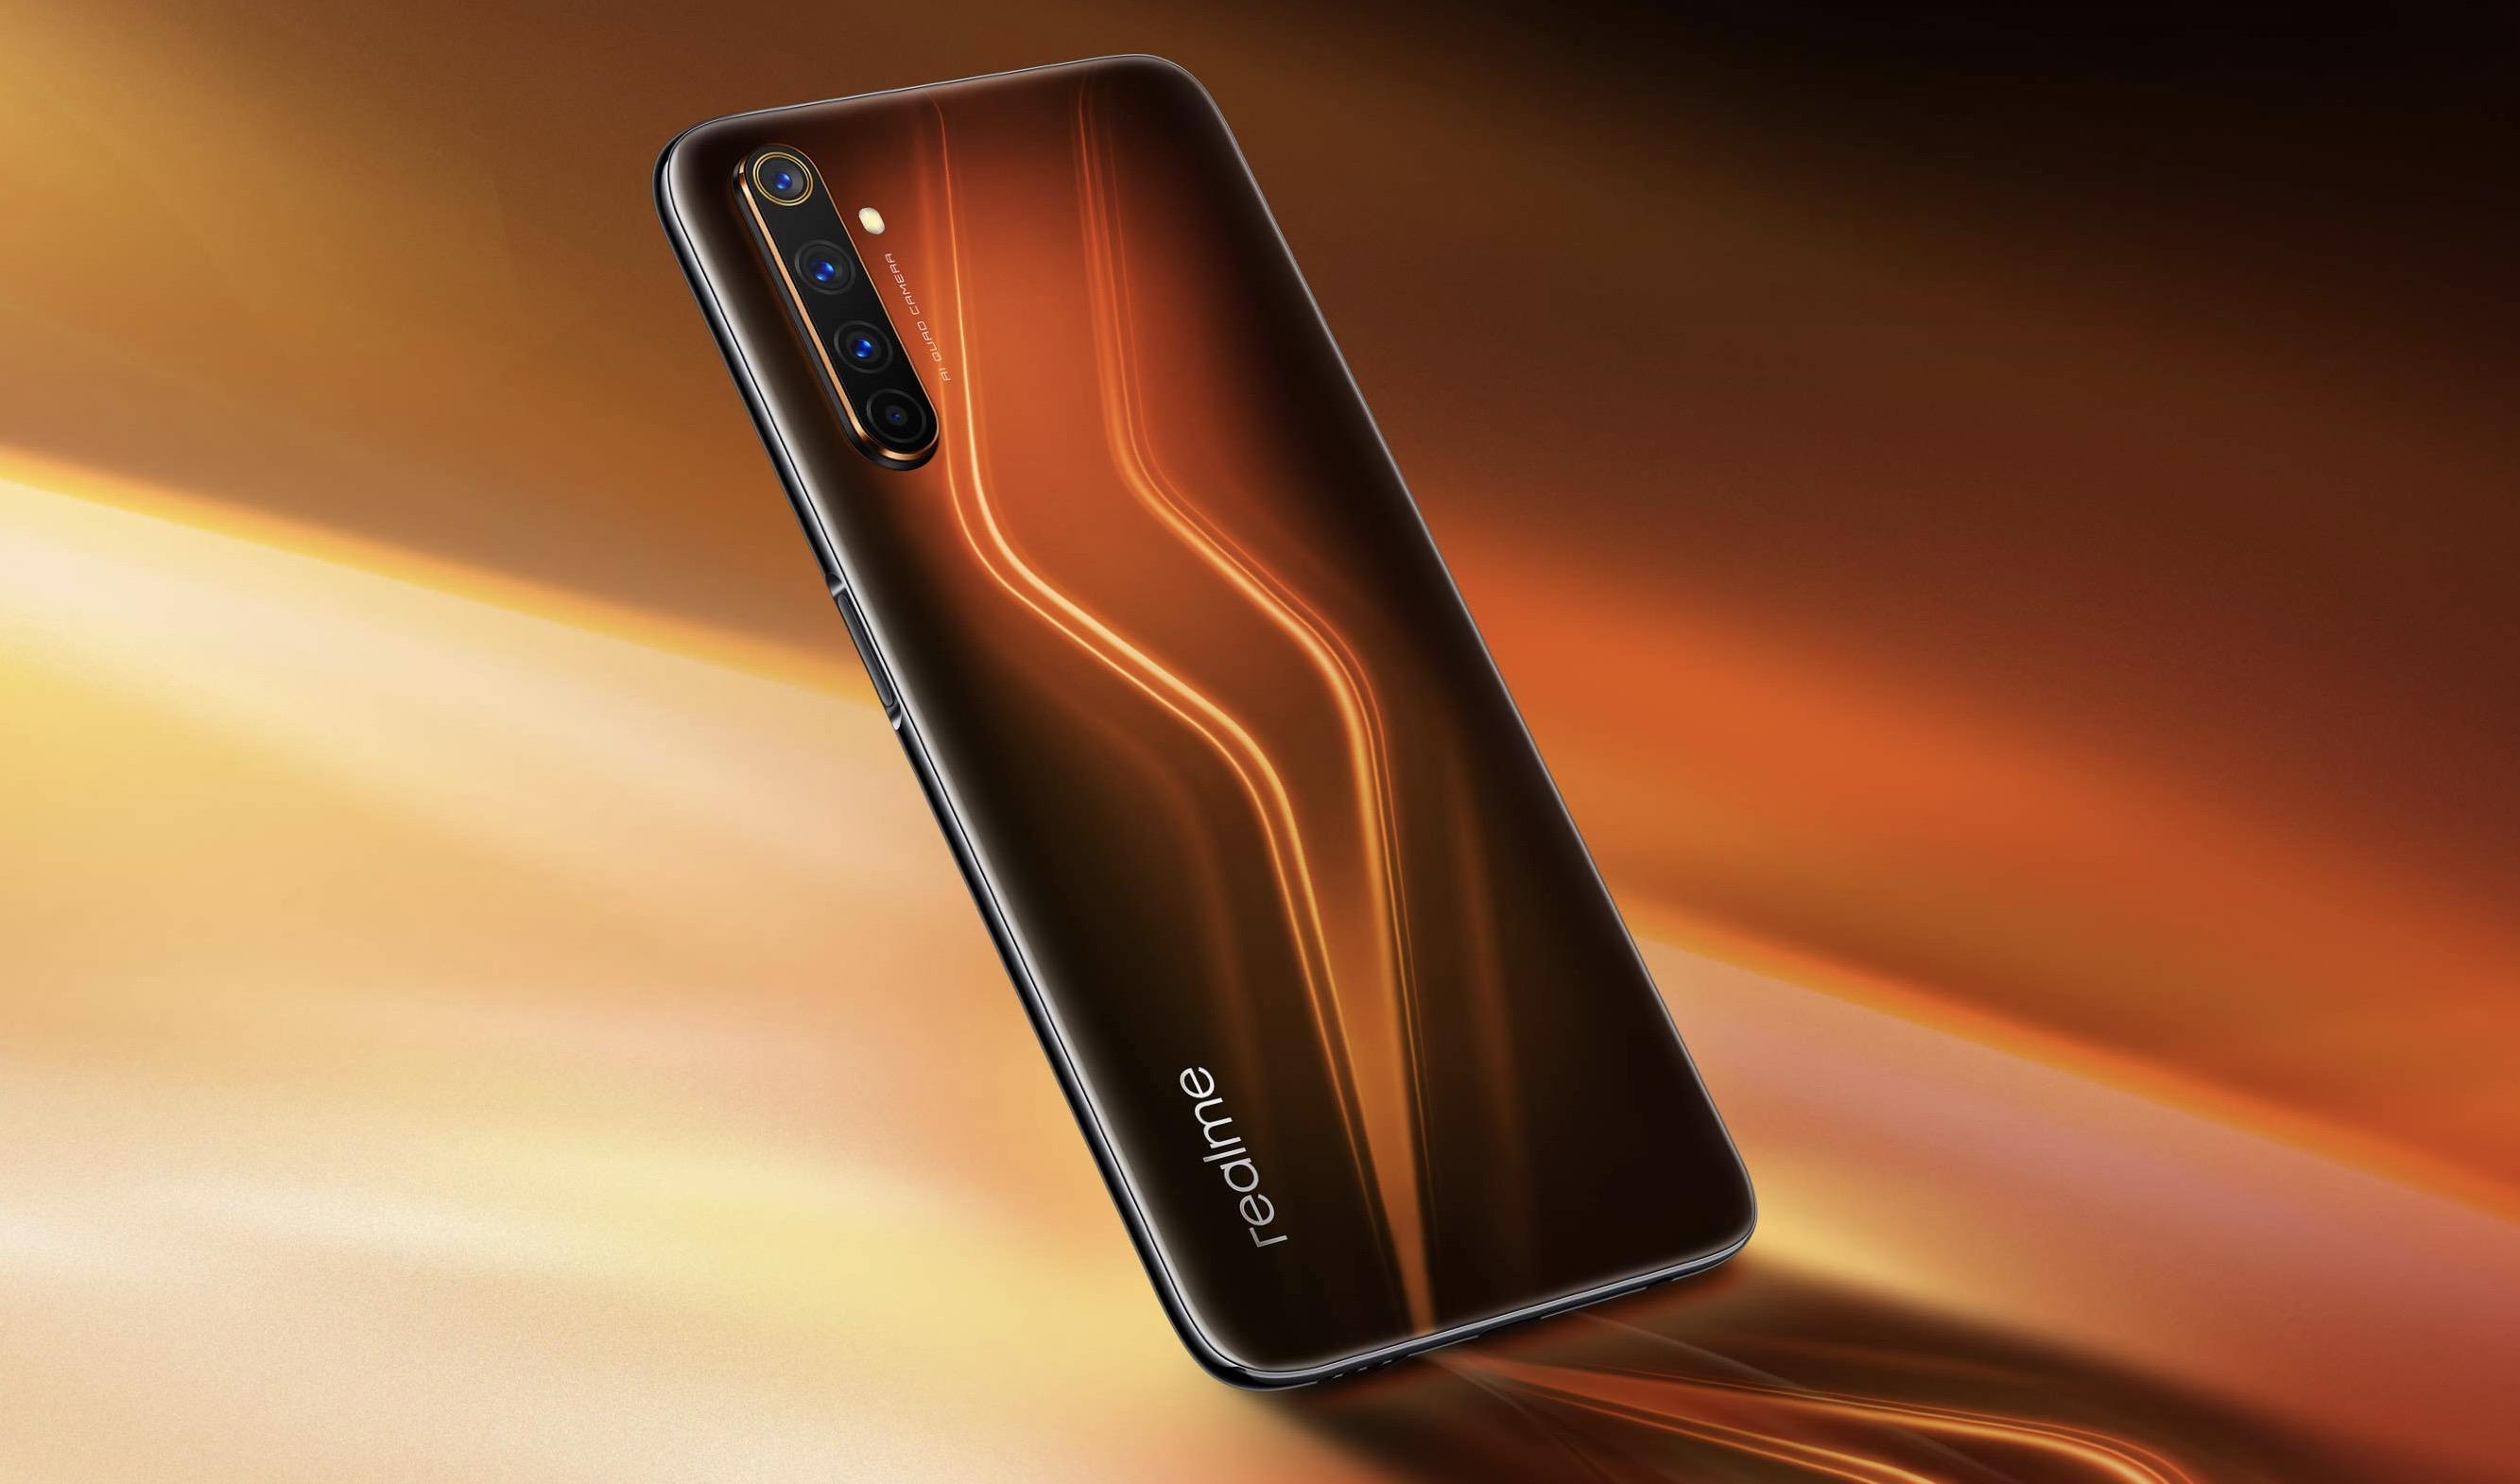 realme 6 Pro llega a Espaa con 329 euros de precio de salida  Tecnologa  - ComputerHoycom